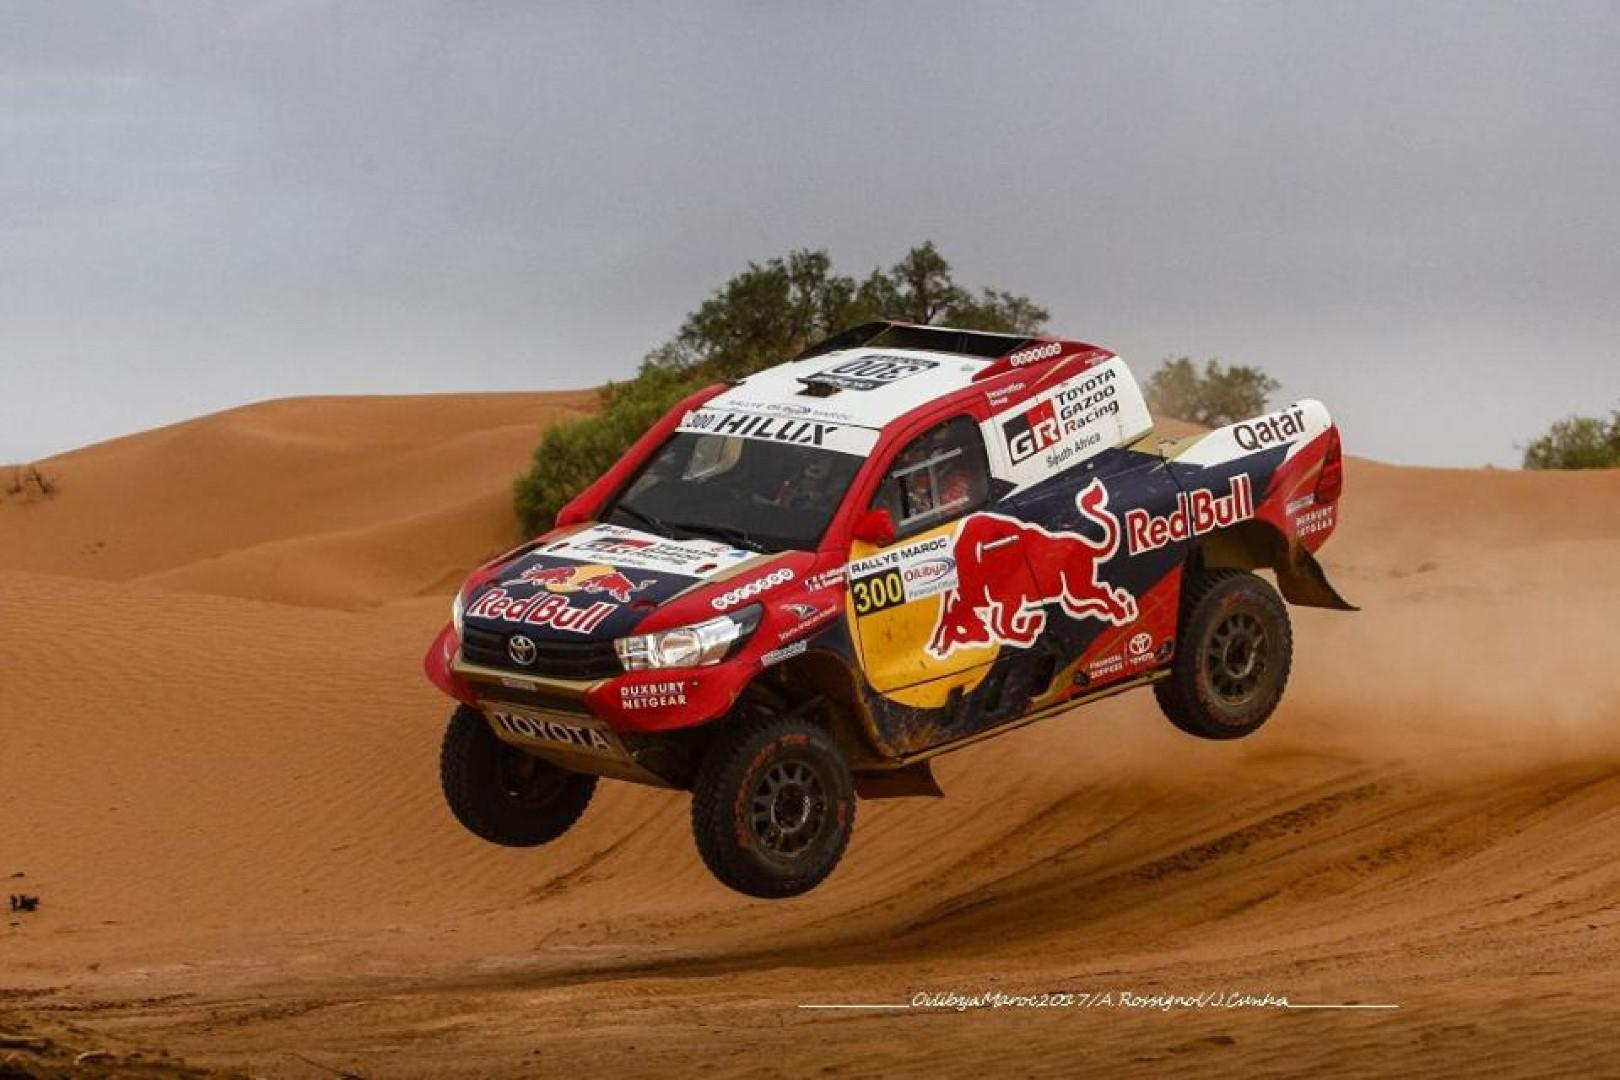 Rallye du Maroc : Revivez les plus belles images de la 18ème édition (catégorie Auto).